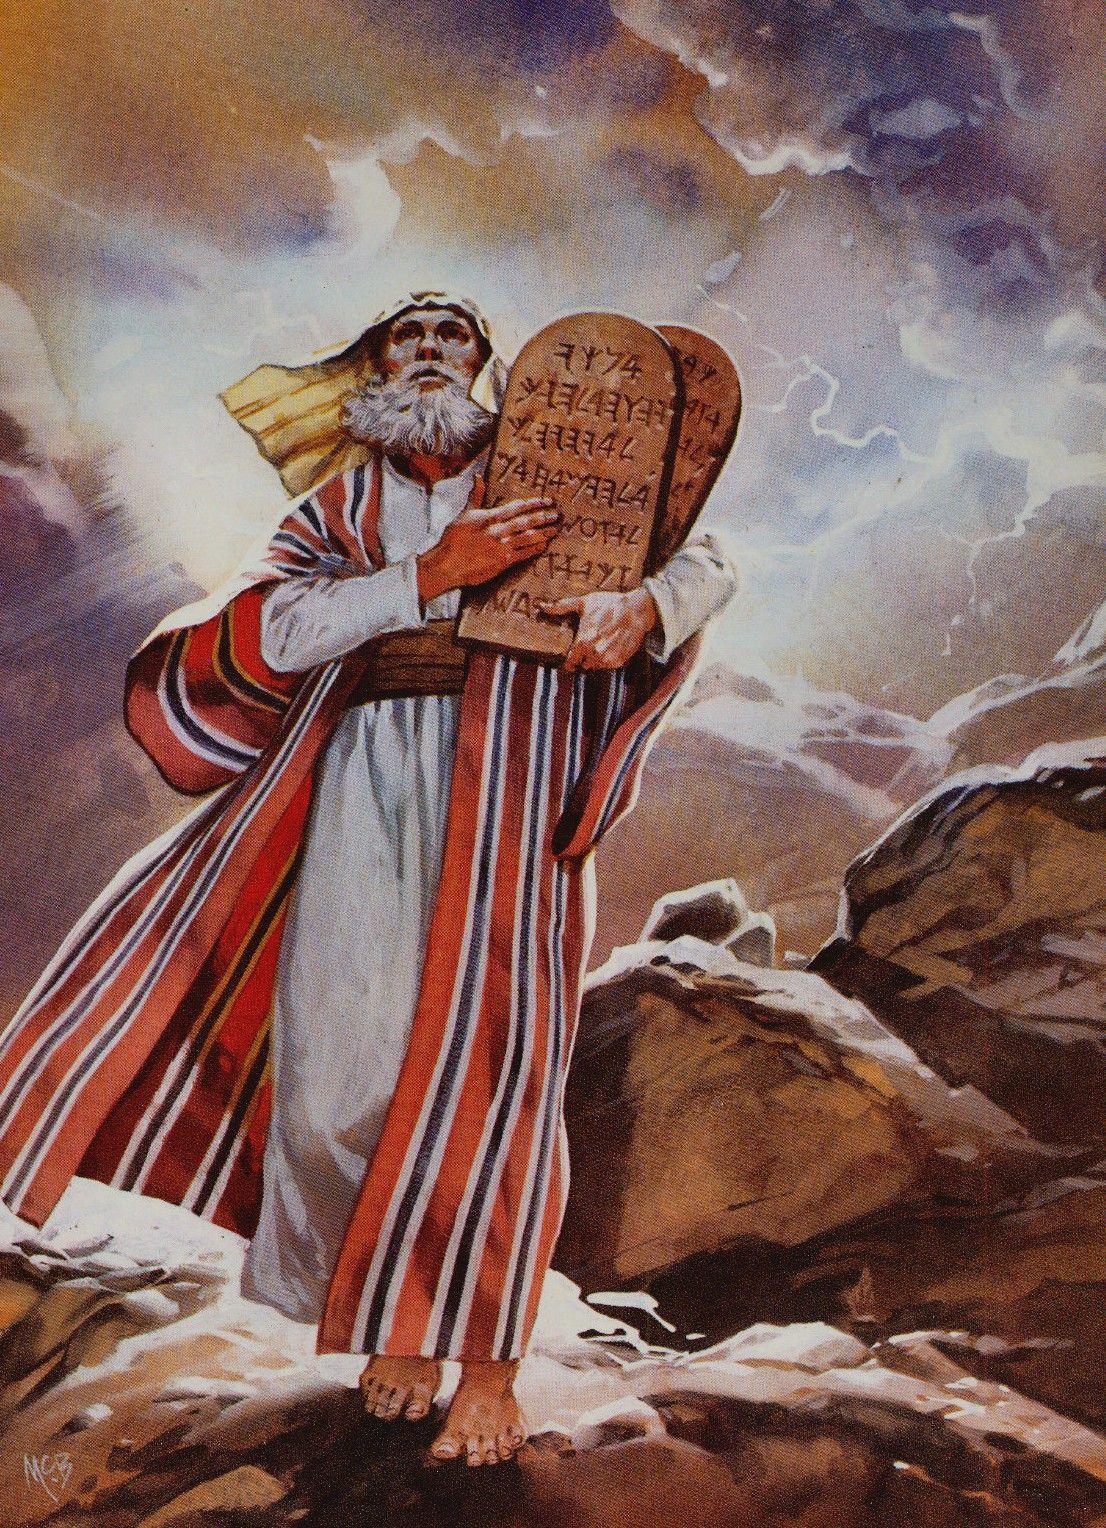 данном случае библейские картинки моисей на горе приехал друзьями